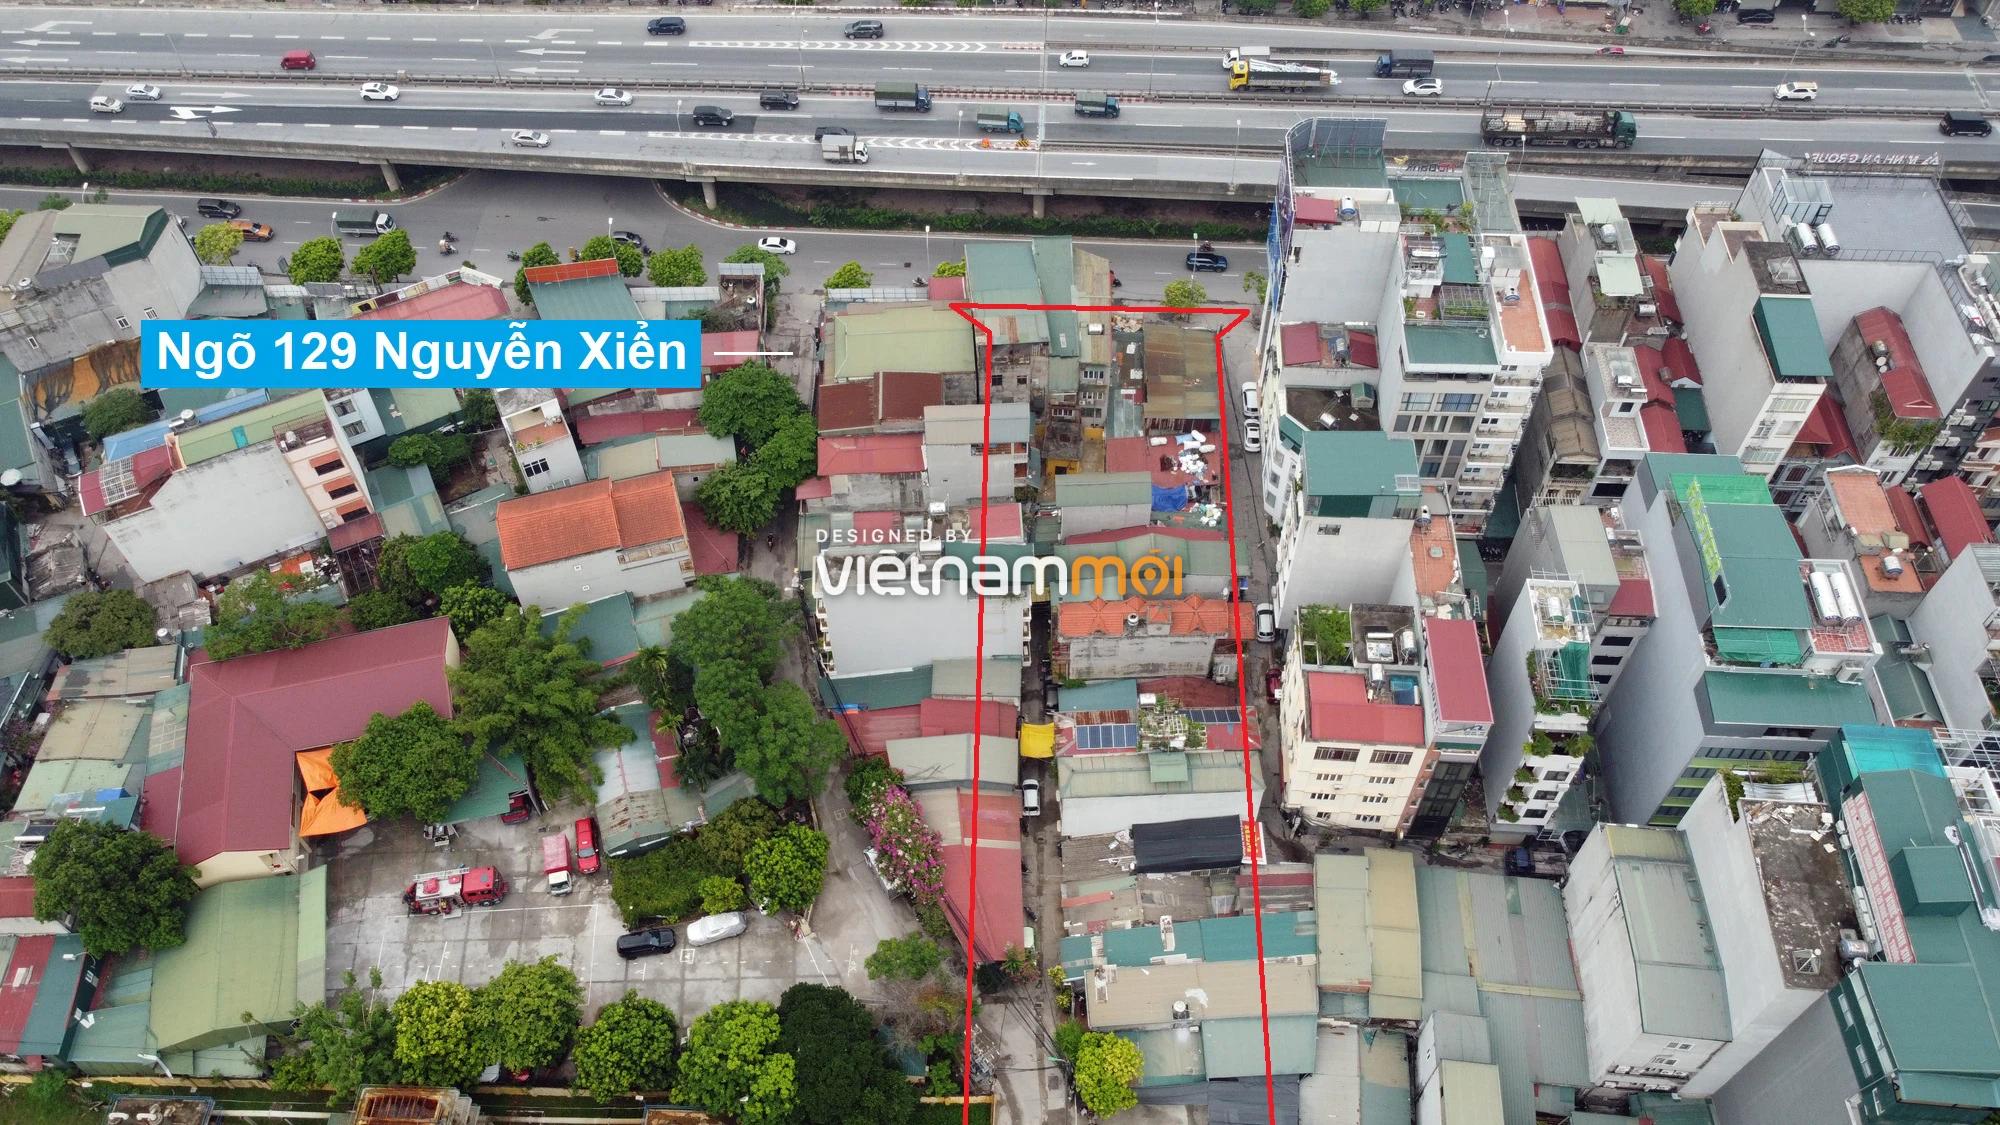 Những khu đất sắp thu hồi để mở đường ở quận Thanh Xuân, Hà Nội (phần 2) - Ảnh 4.